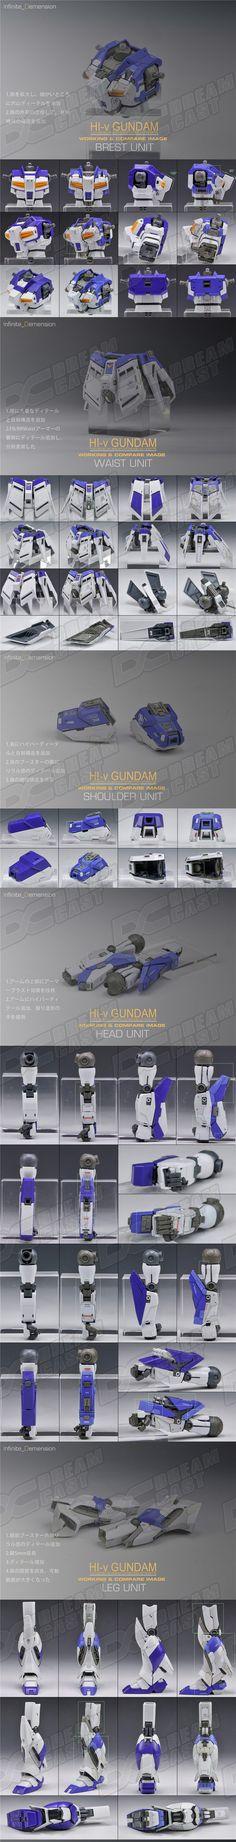 MG 1/100 HI-v ガンダム 改造パーツ